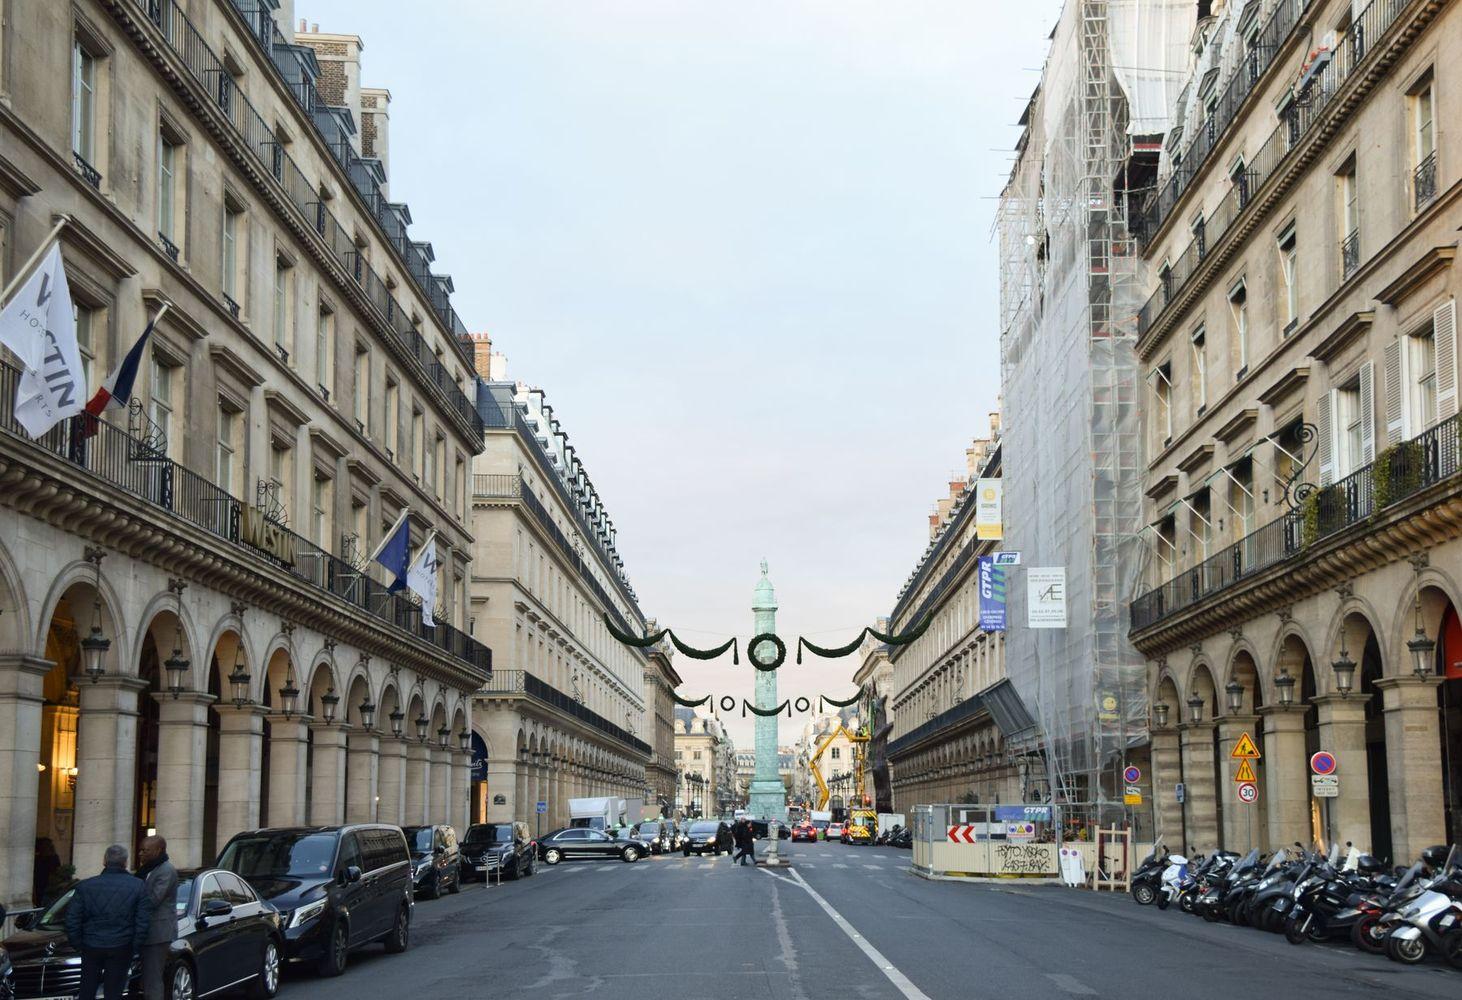 View of Place Vendome from Rue De Rivoli, Paris, France